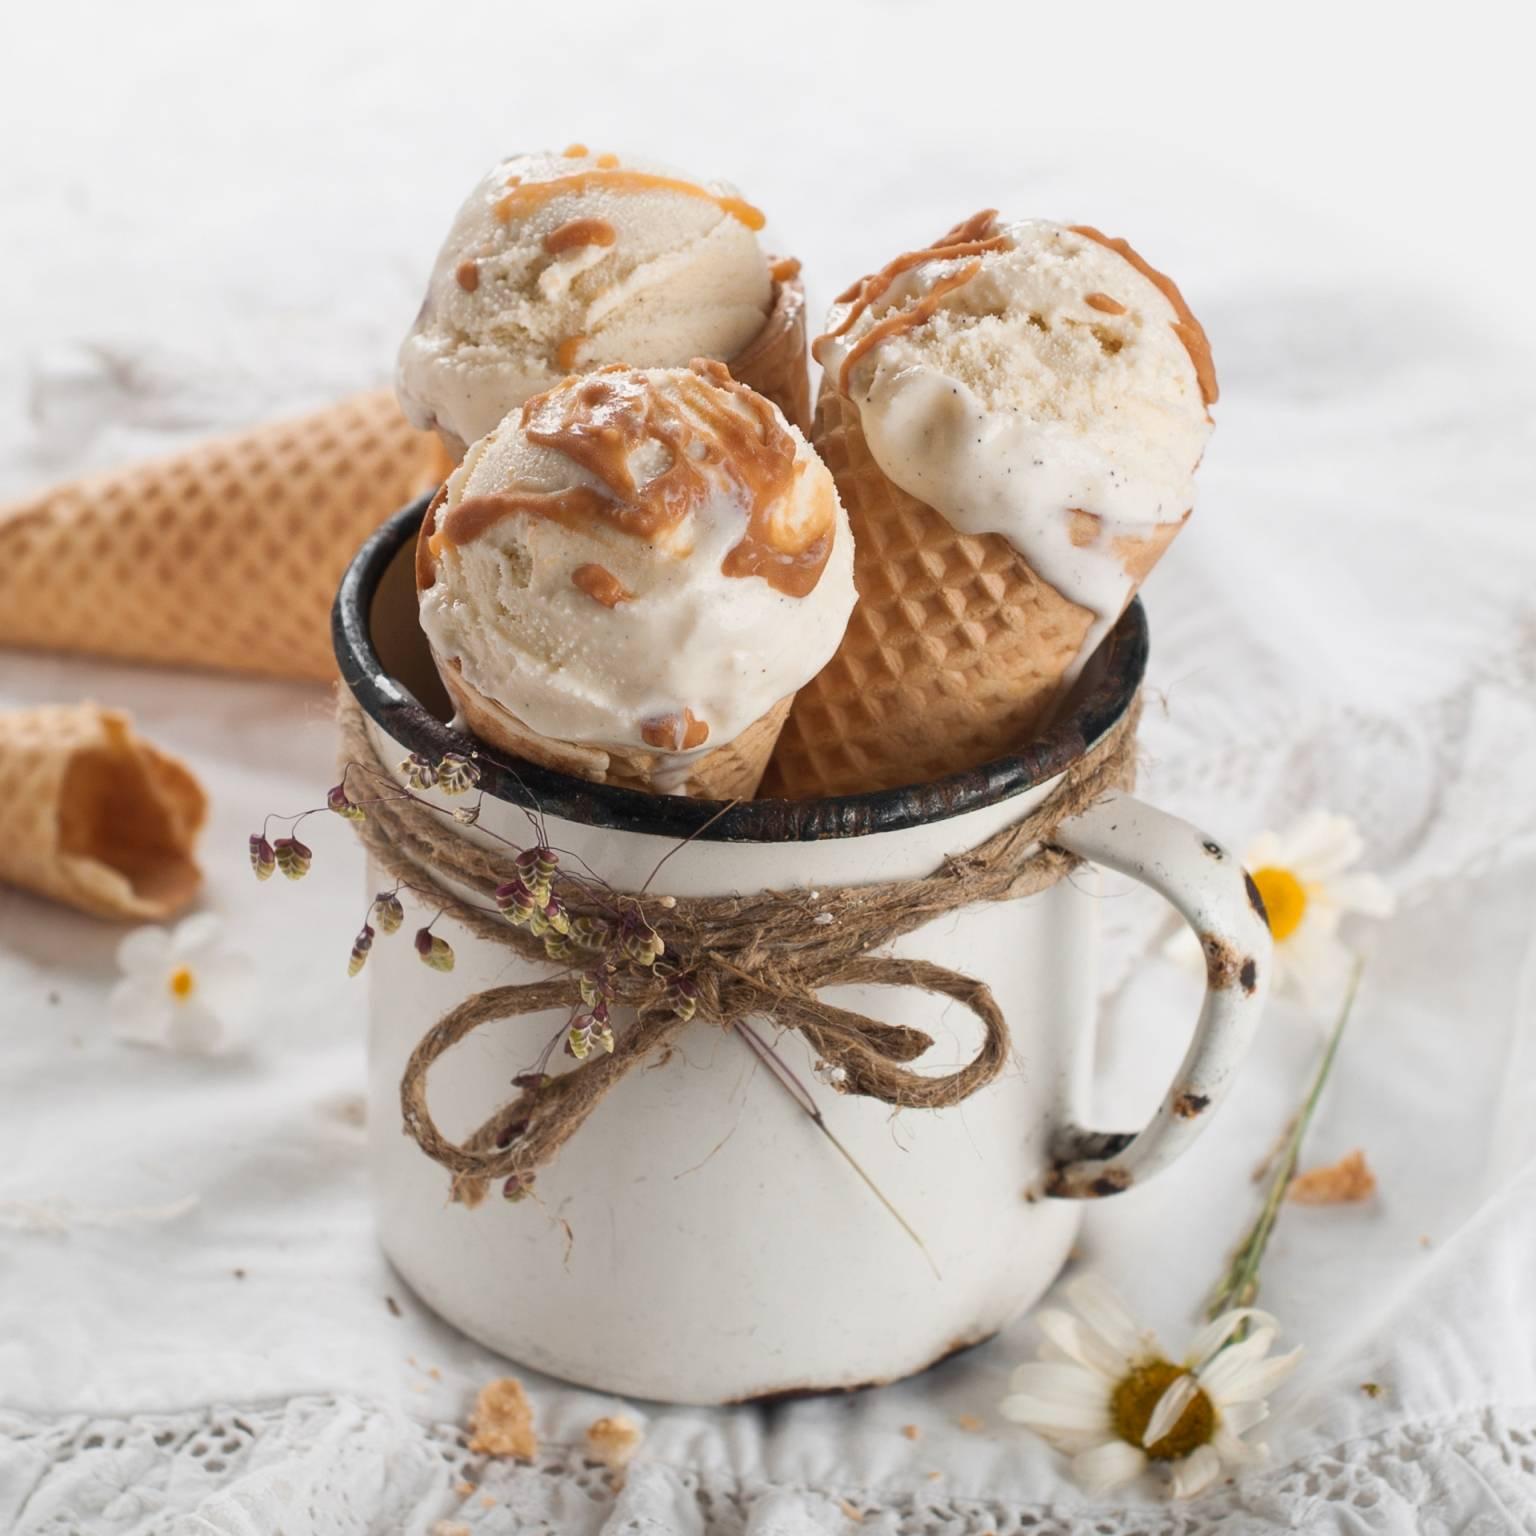 Wegańskie lody naturalne waniliowe - 3 lody waniliowe z polewą toffi w wafelkach w emaliowanym garnuszku.